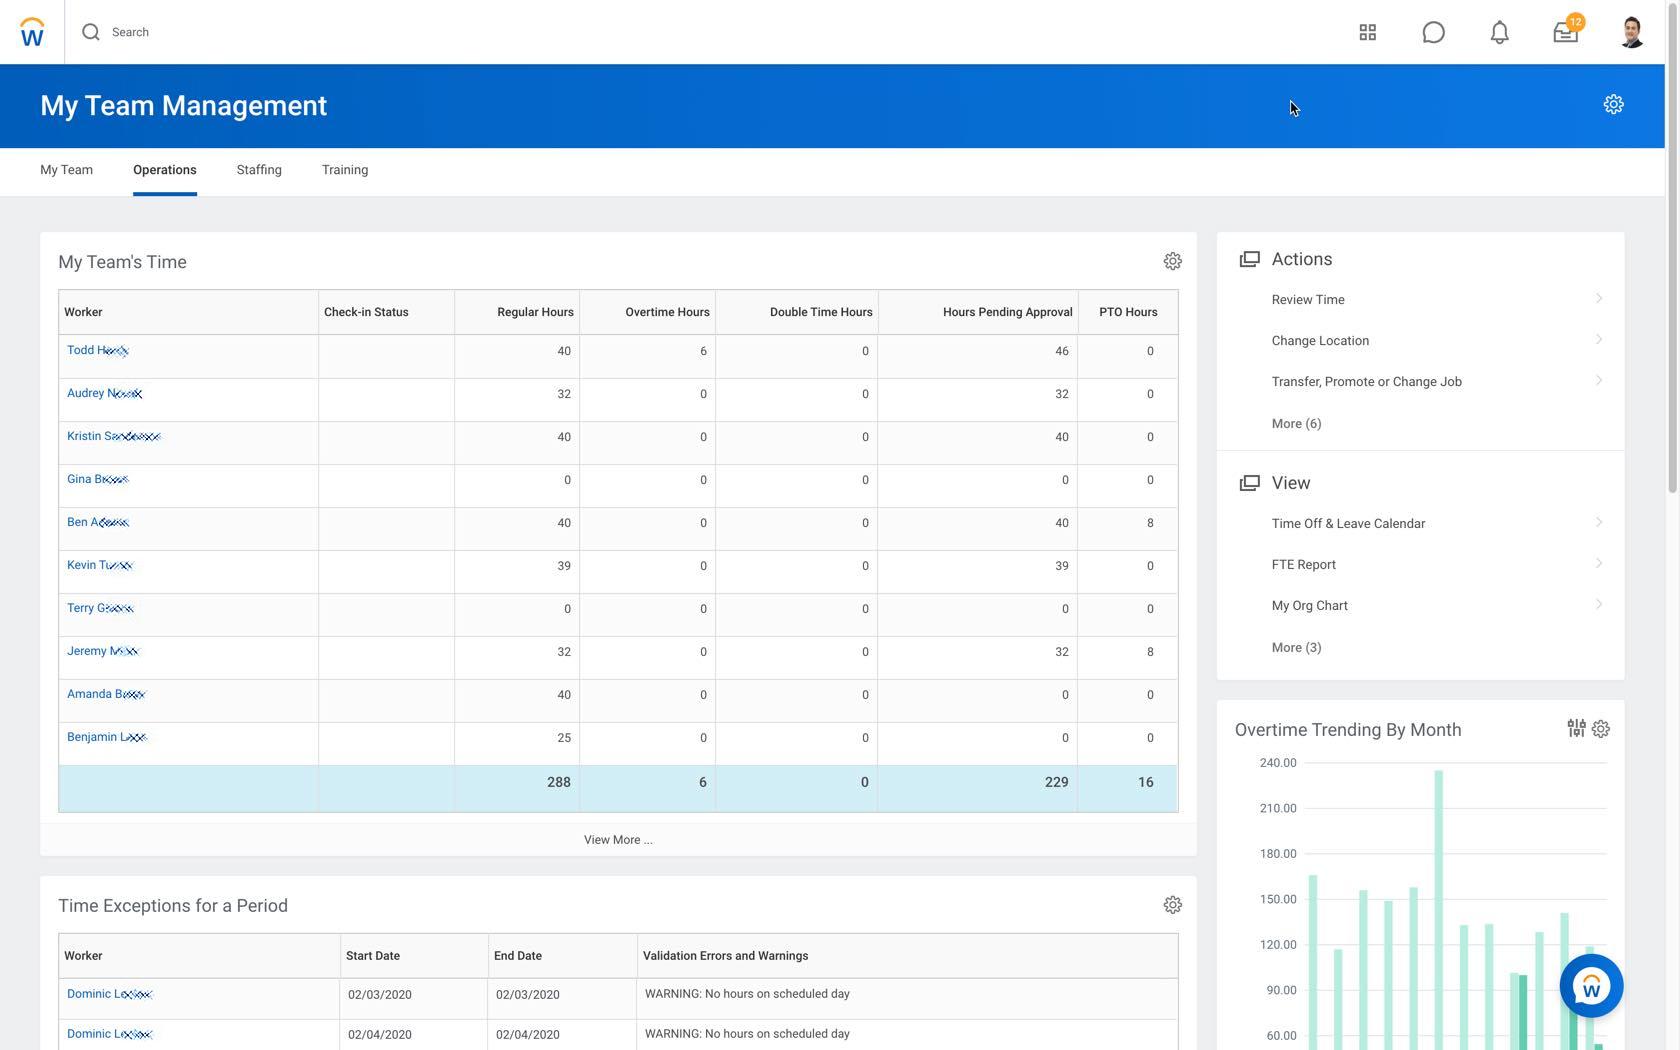 Интерфейс менеджера для управления командой в программном обеспечении Workday HCM